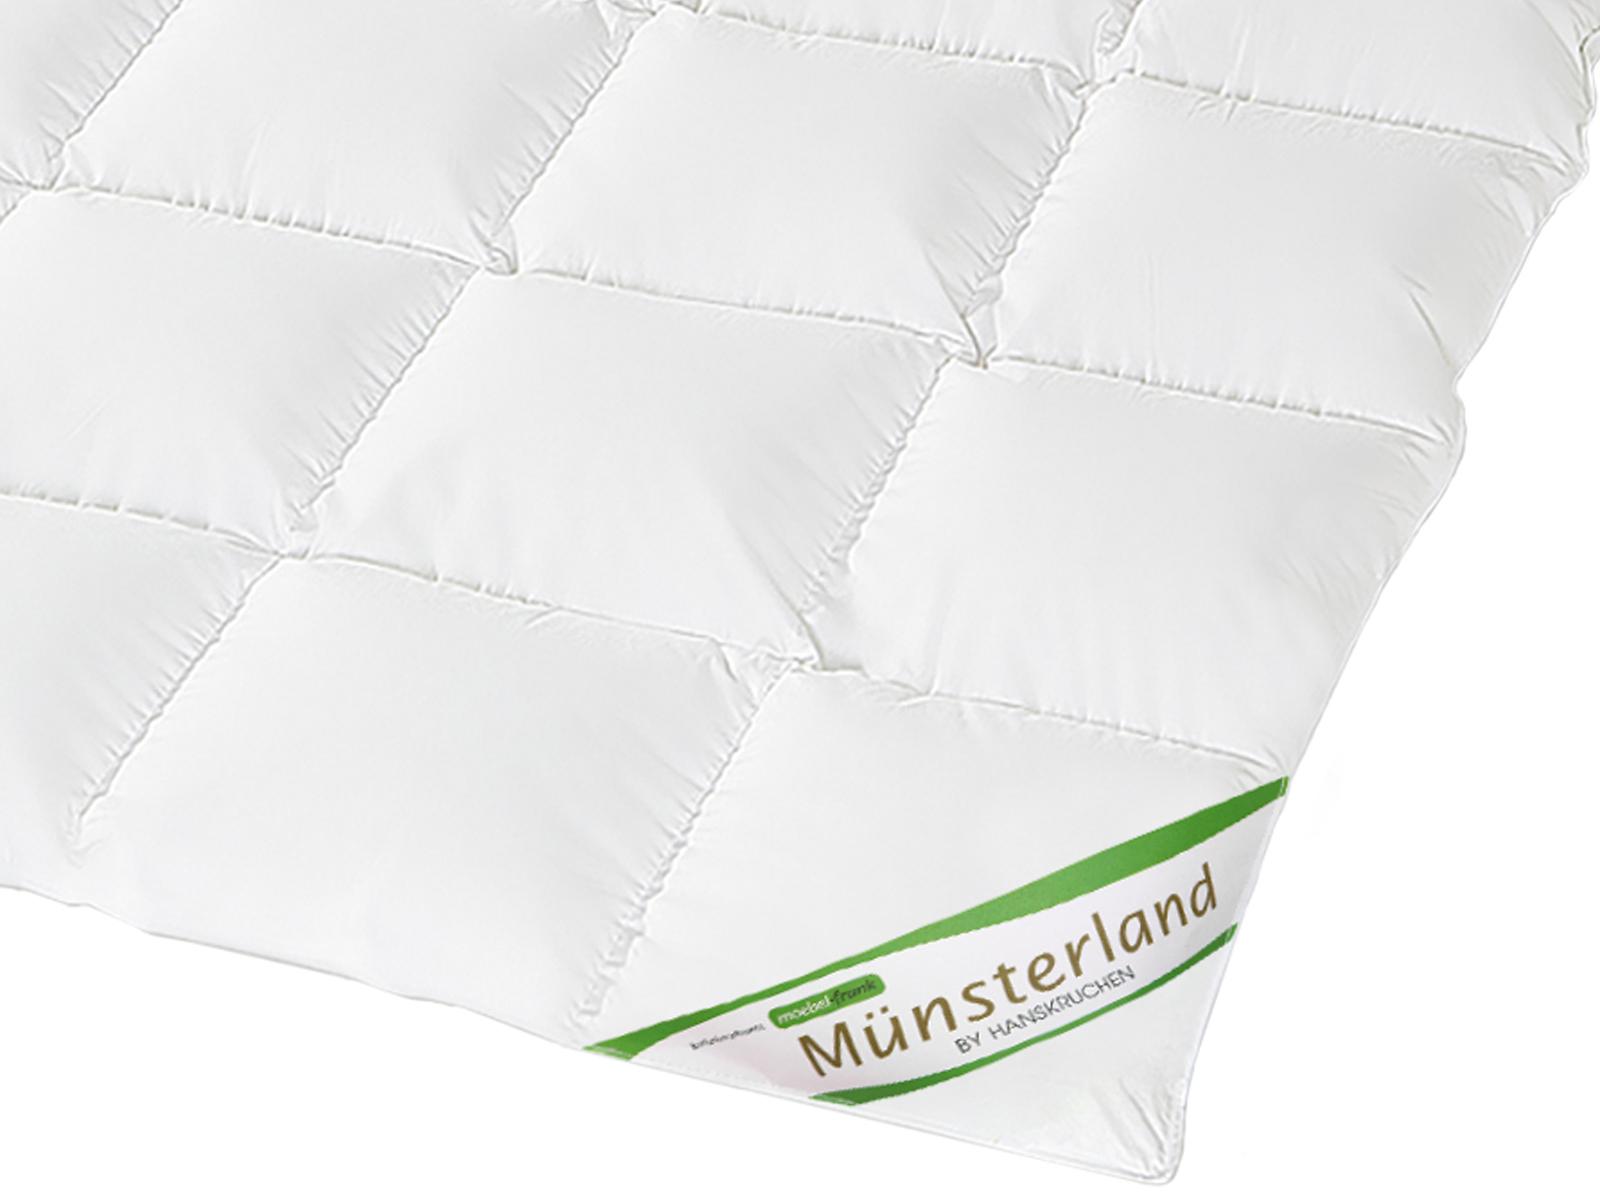 Daunenbettdecke 100% neue weiße Daunen Münsterland Baumwolle HANSKRUCHEN – Bild 8